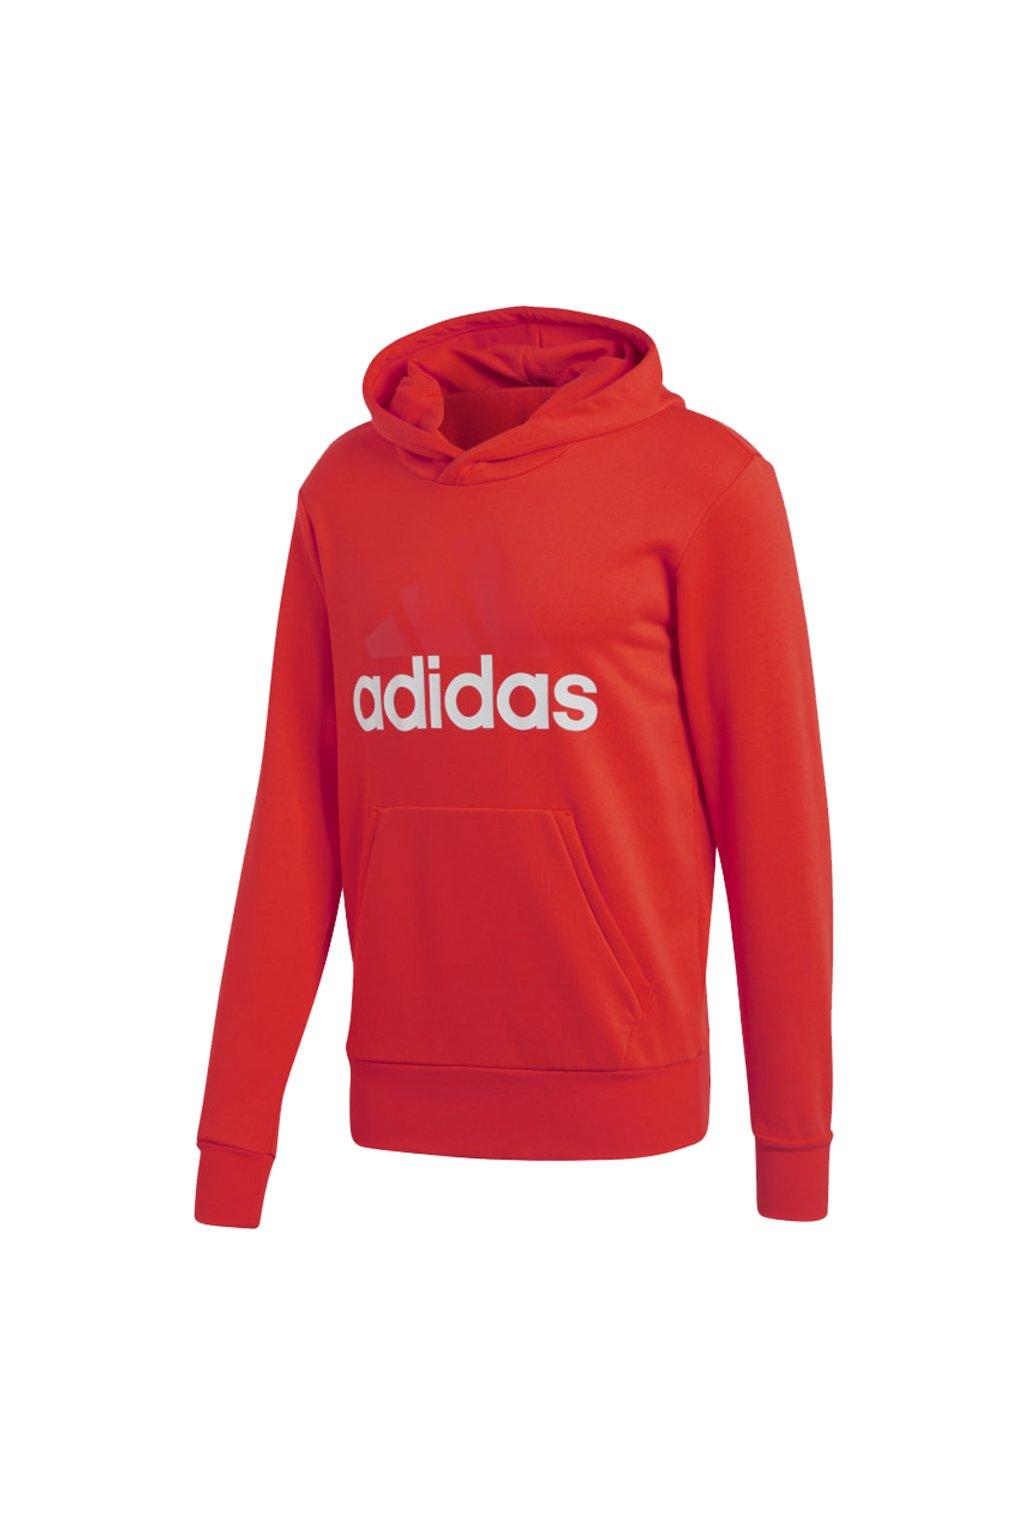 Pánska mikina Adidas Essentials Lin P / O FT CW3860